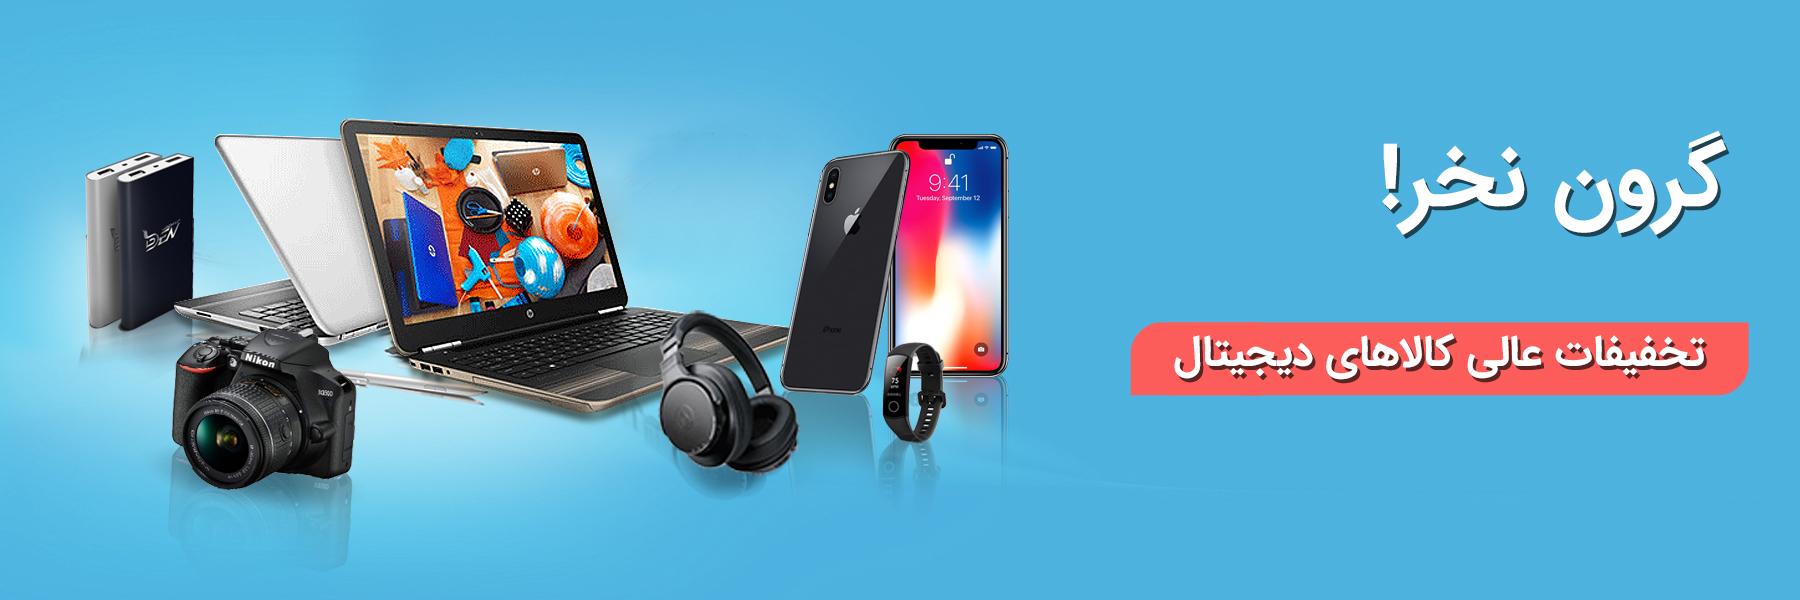 کالای دیجیتال، گوشی مبایل، تلفن، بی سیم، خرید آنلاین، فروشگاه اینترنتی آف تپ